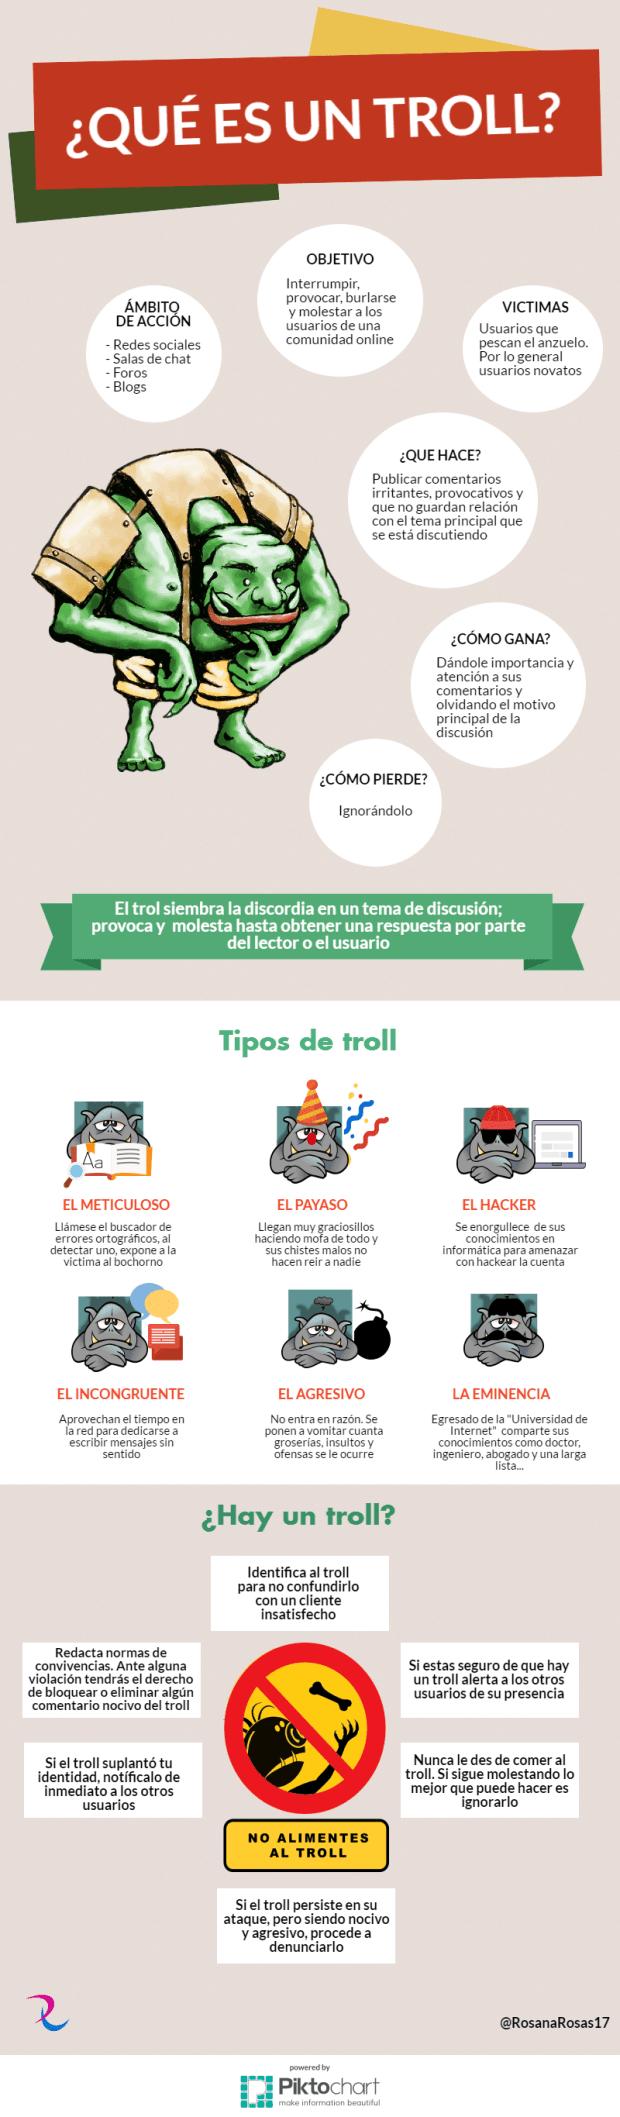 que-es-un-troll-infografia (1).png